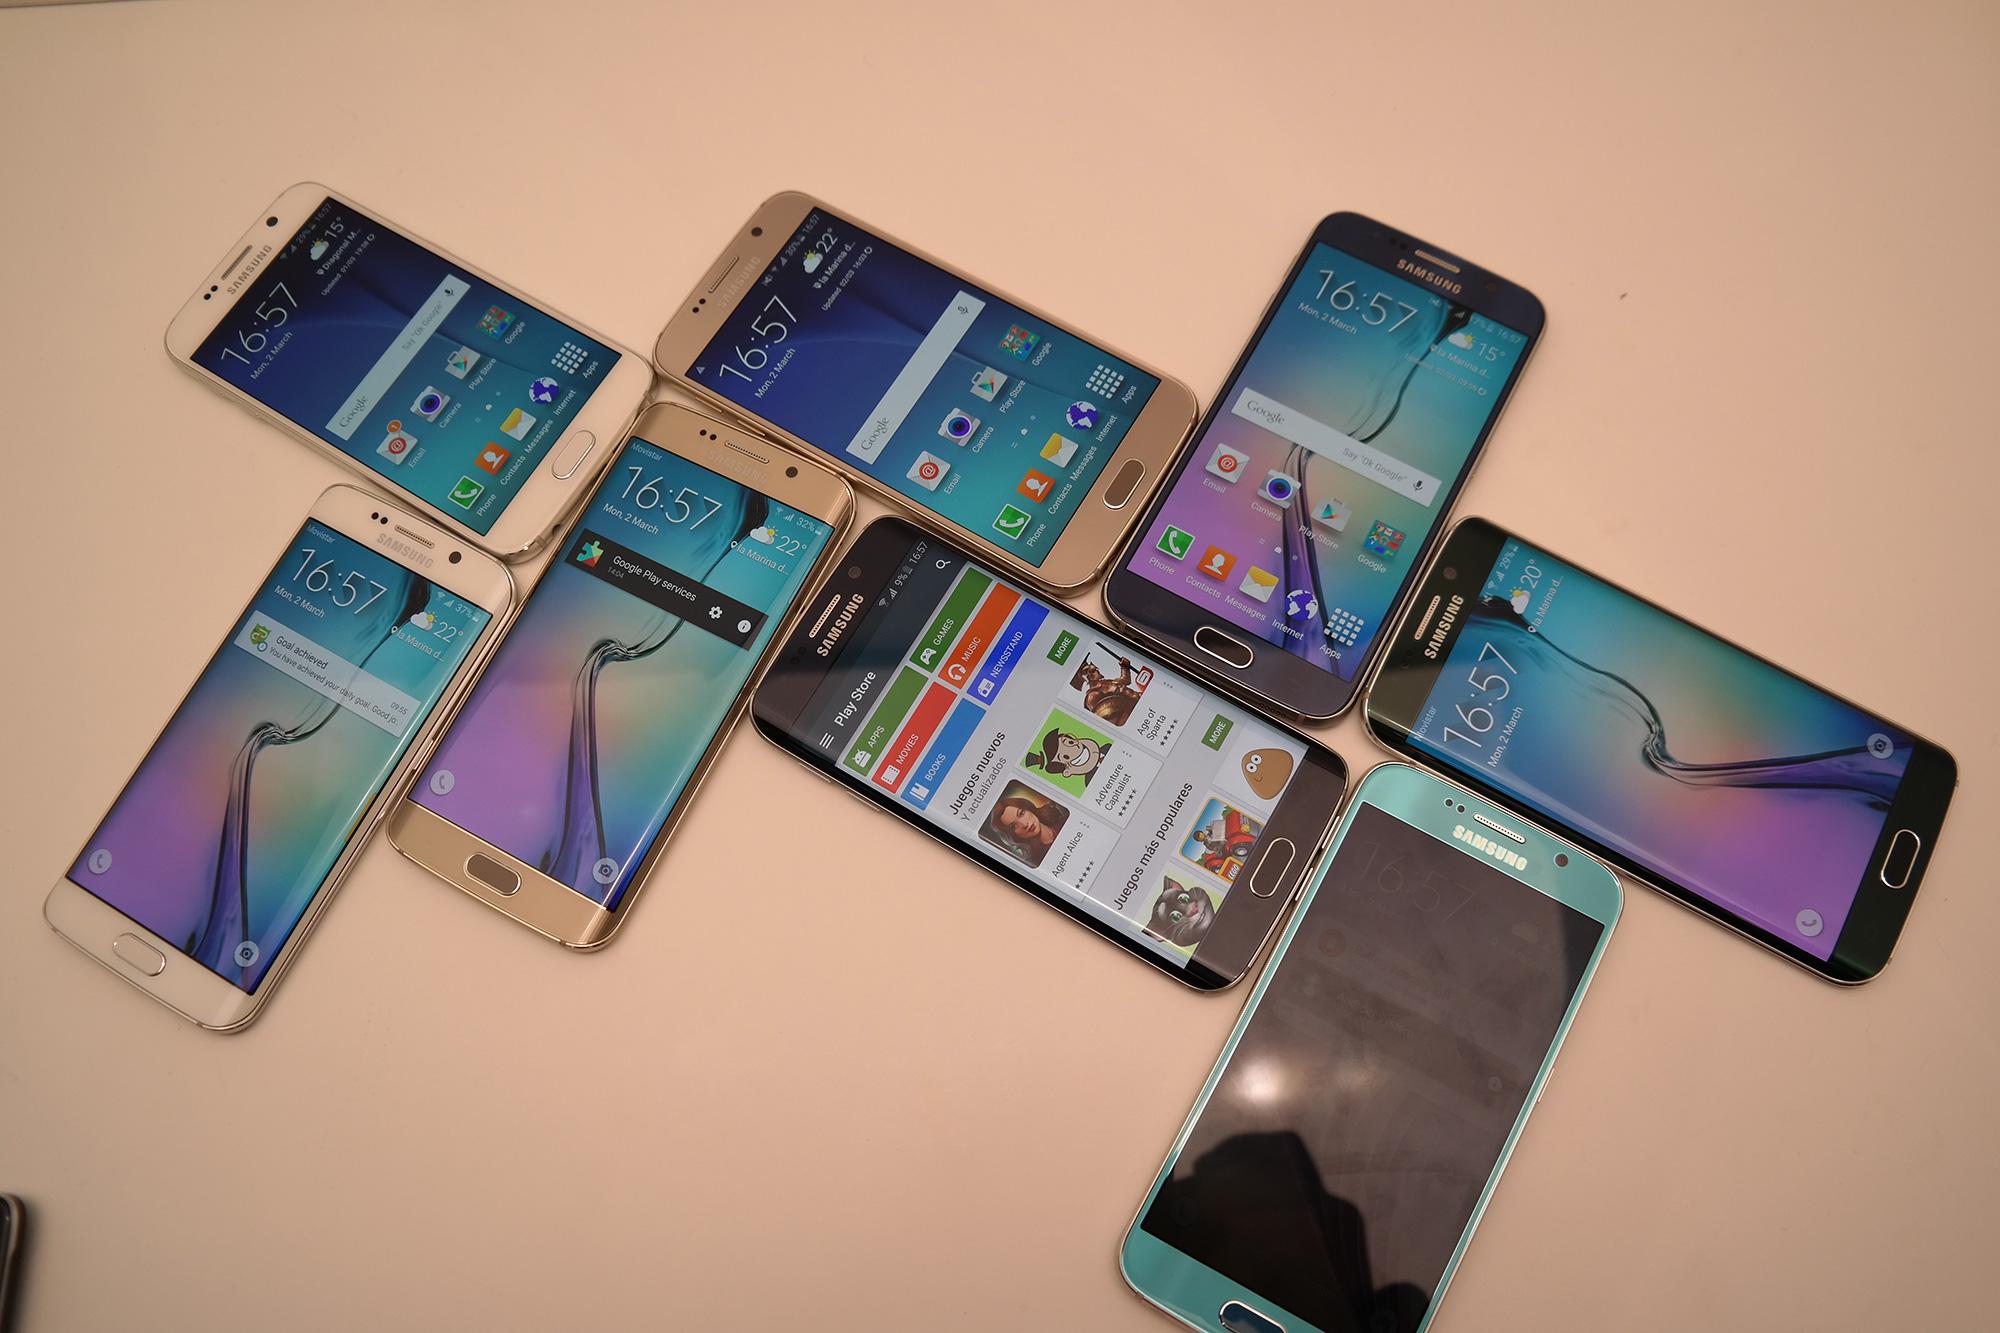 Rund 50 Minuten mit dem Galaxy S6 und Galaxy S6 Edge im Video